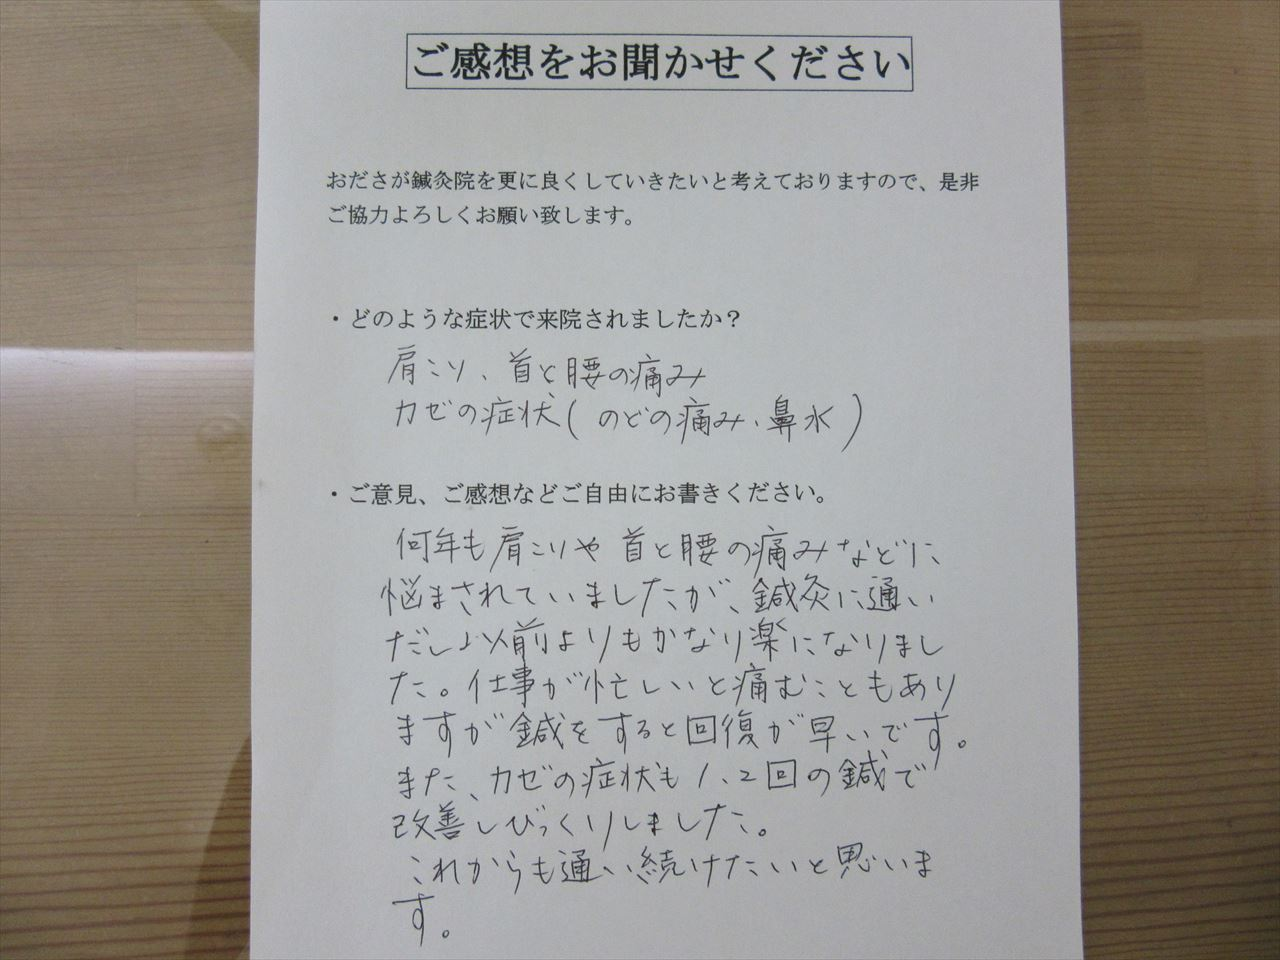 患者からの 手書手紙 中学校教諭 肩凝り、風邪症状